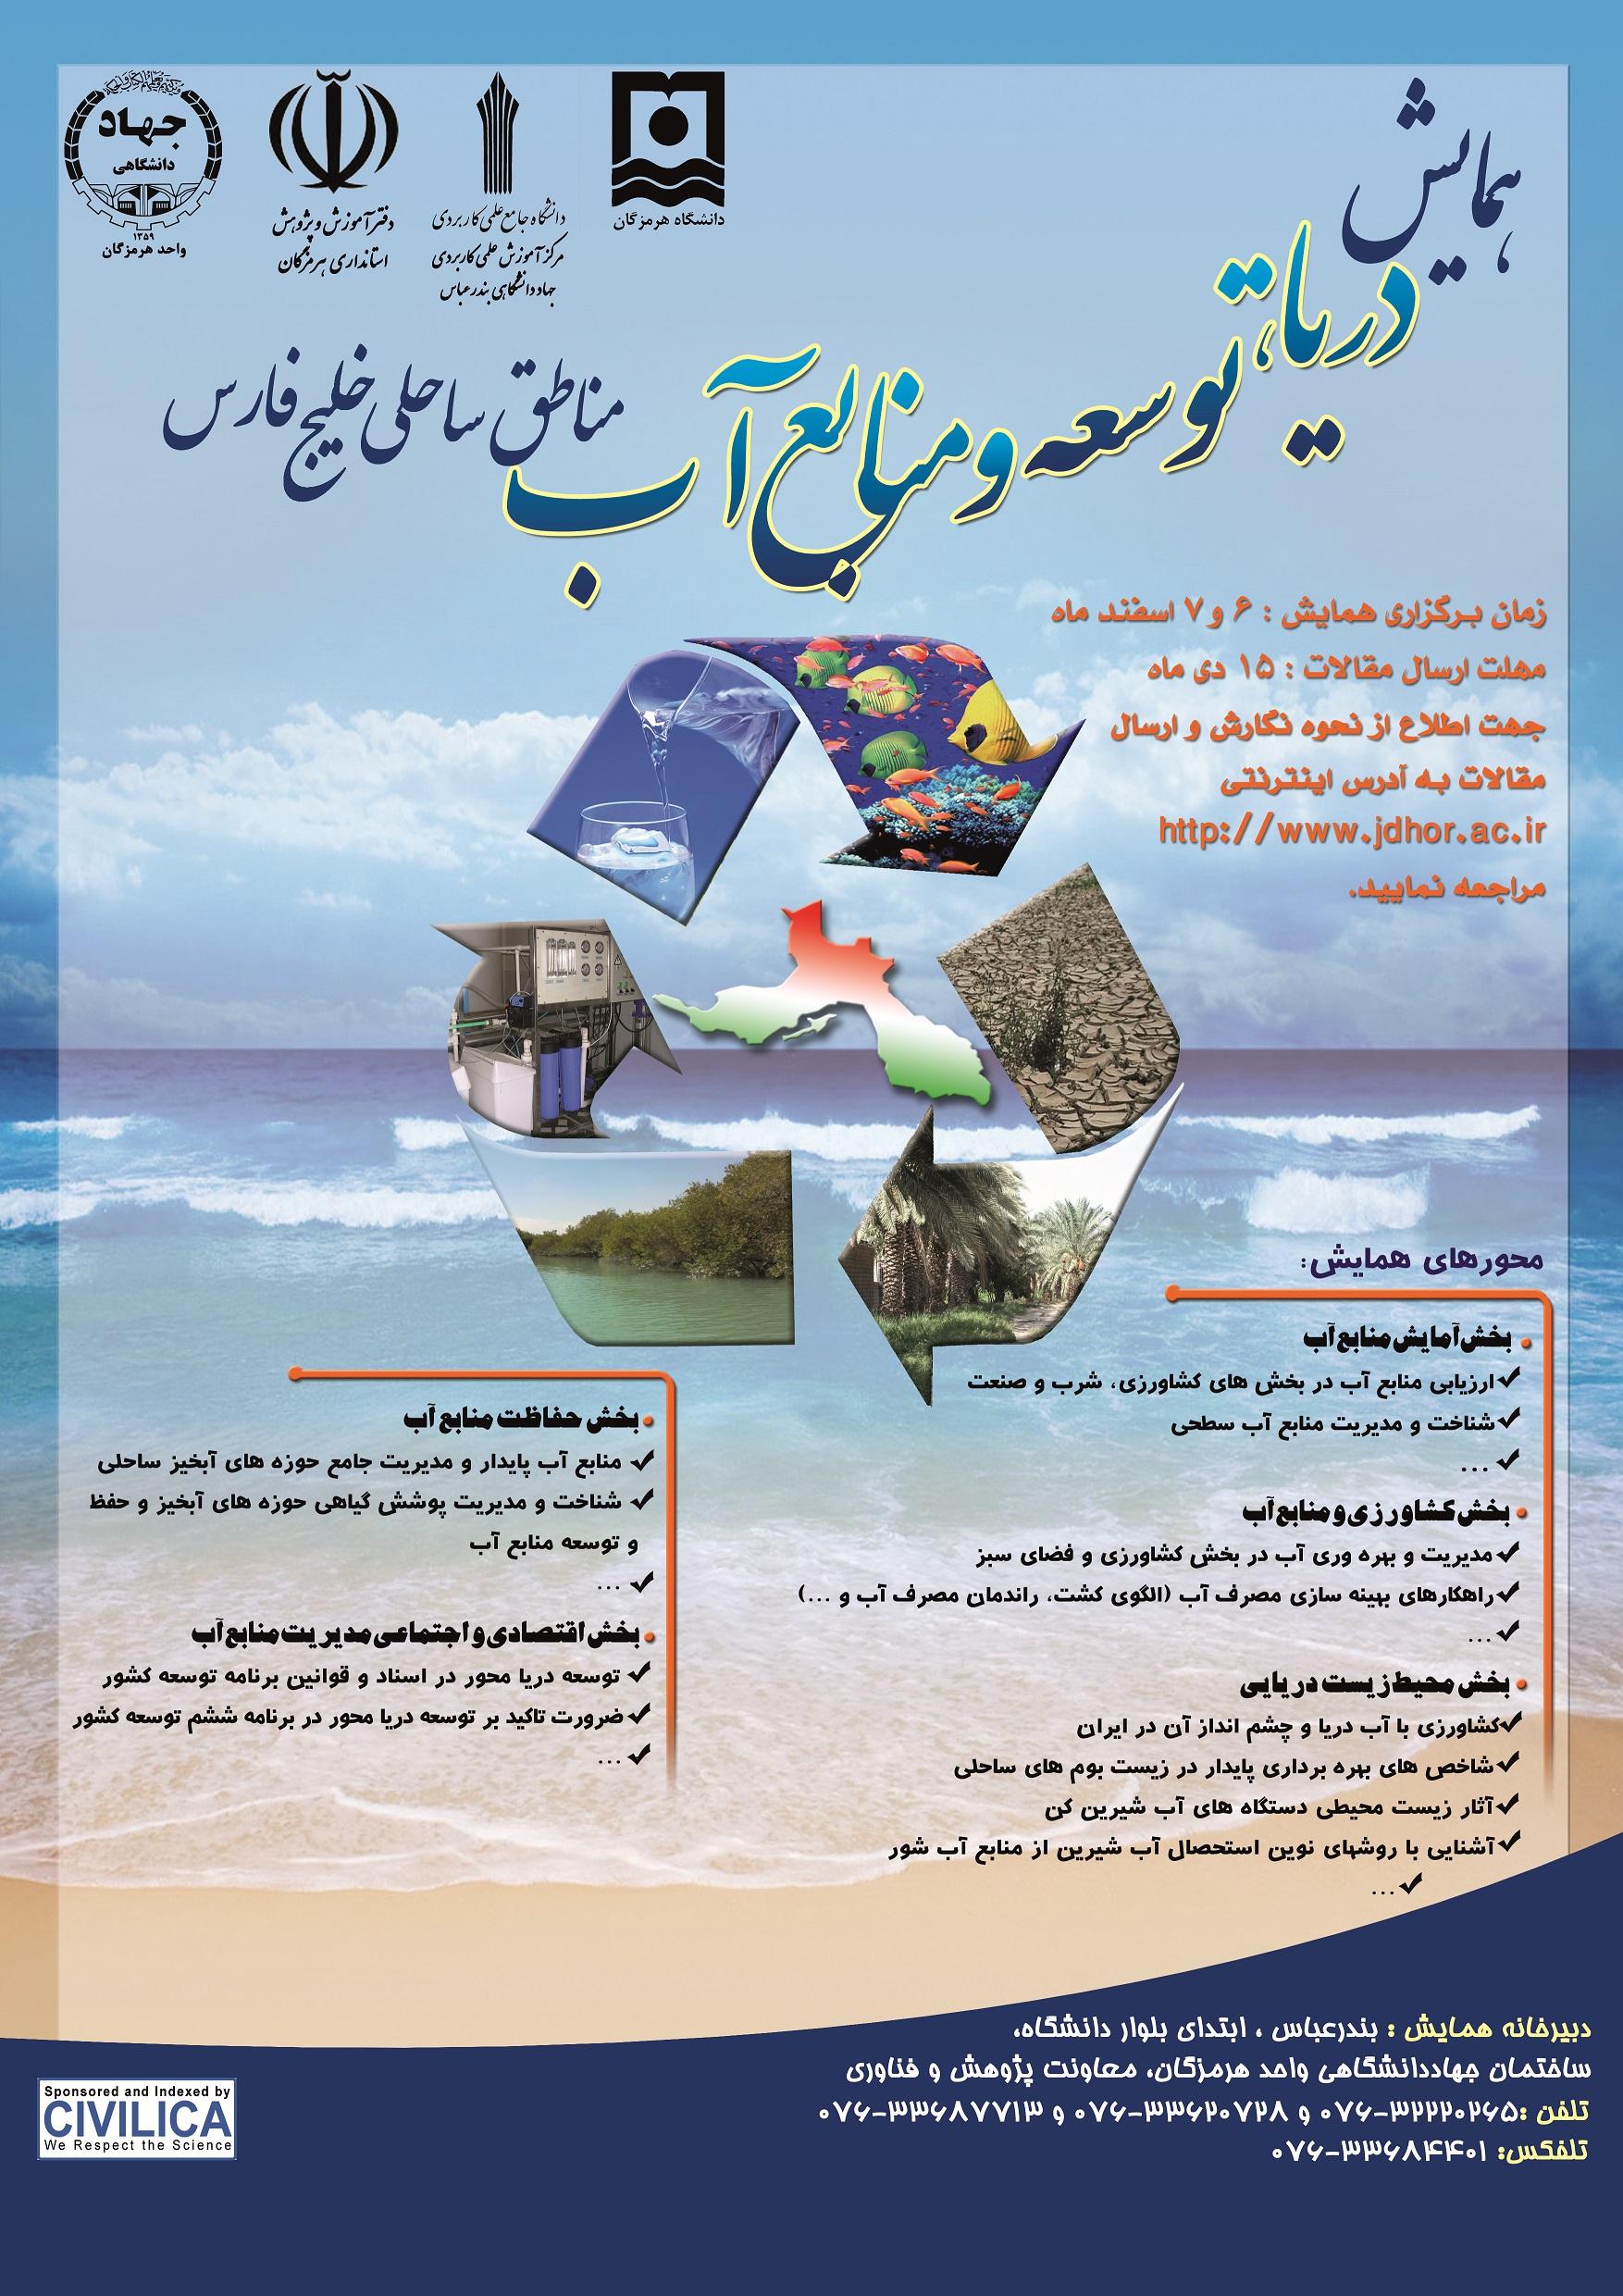 همایش ملی دریا، توسعه و منابع آب مناطق ساحلی خلیج فارس